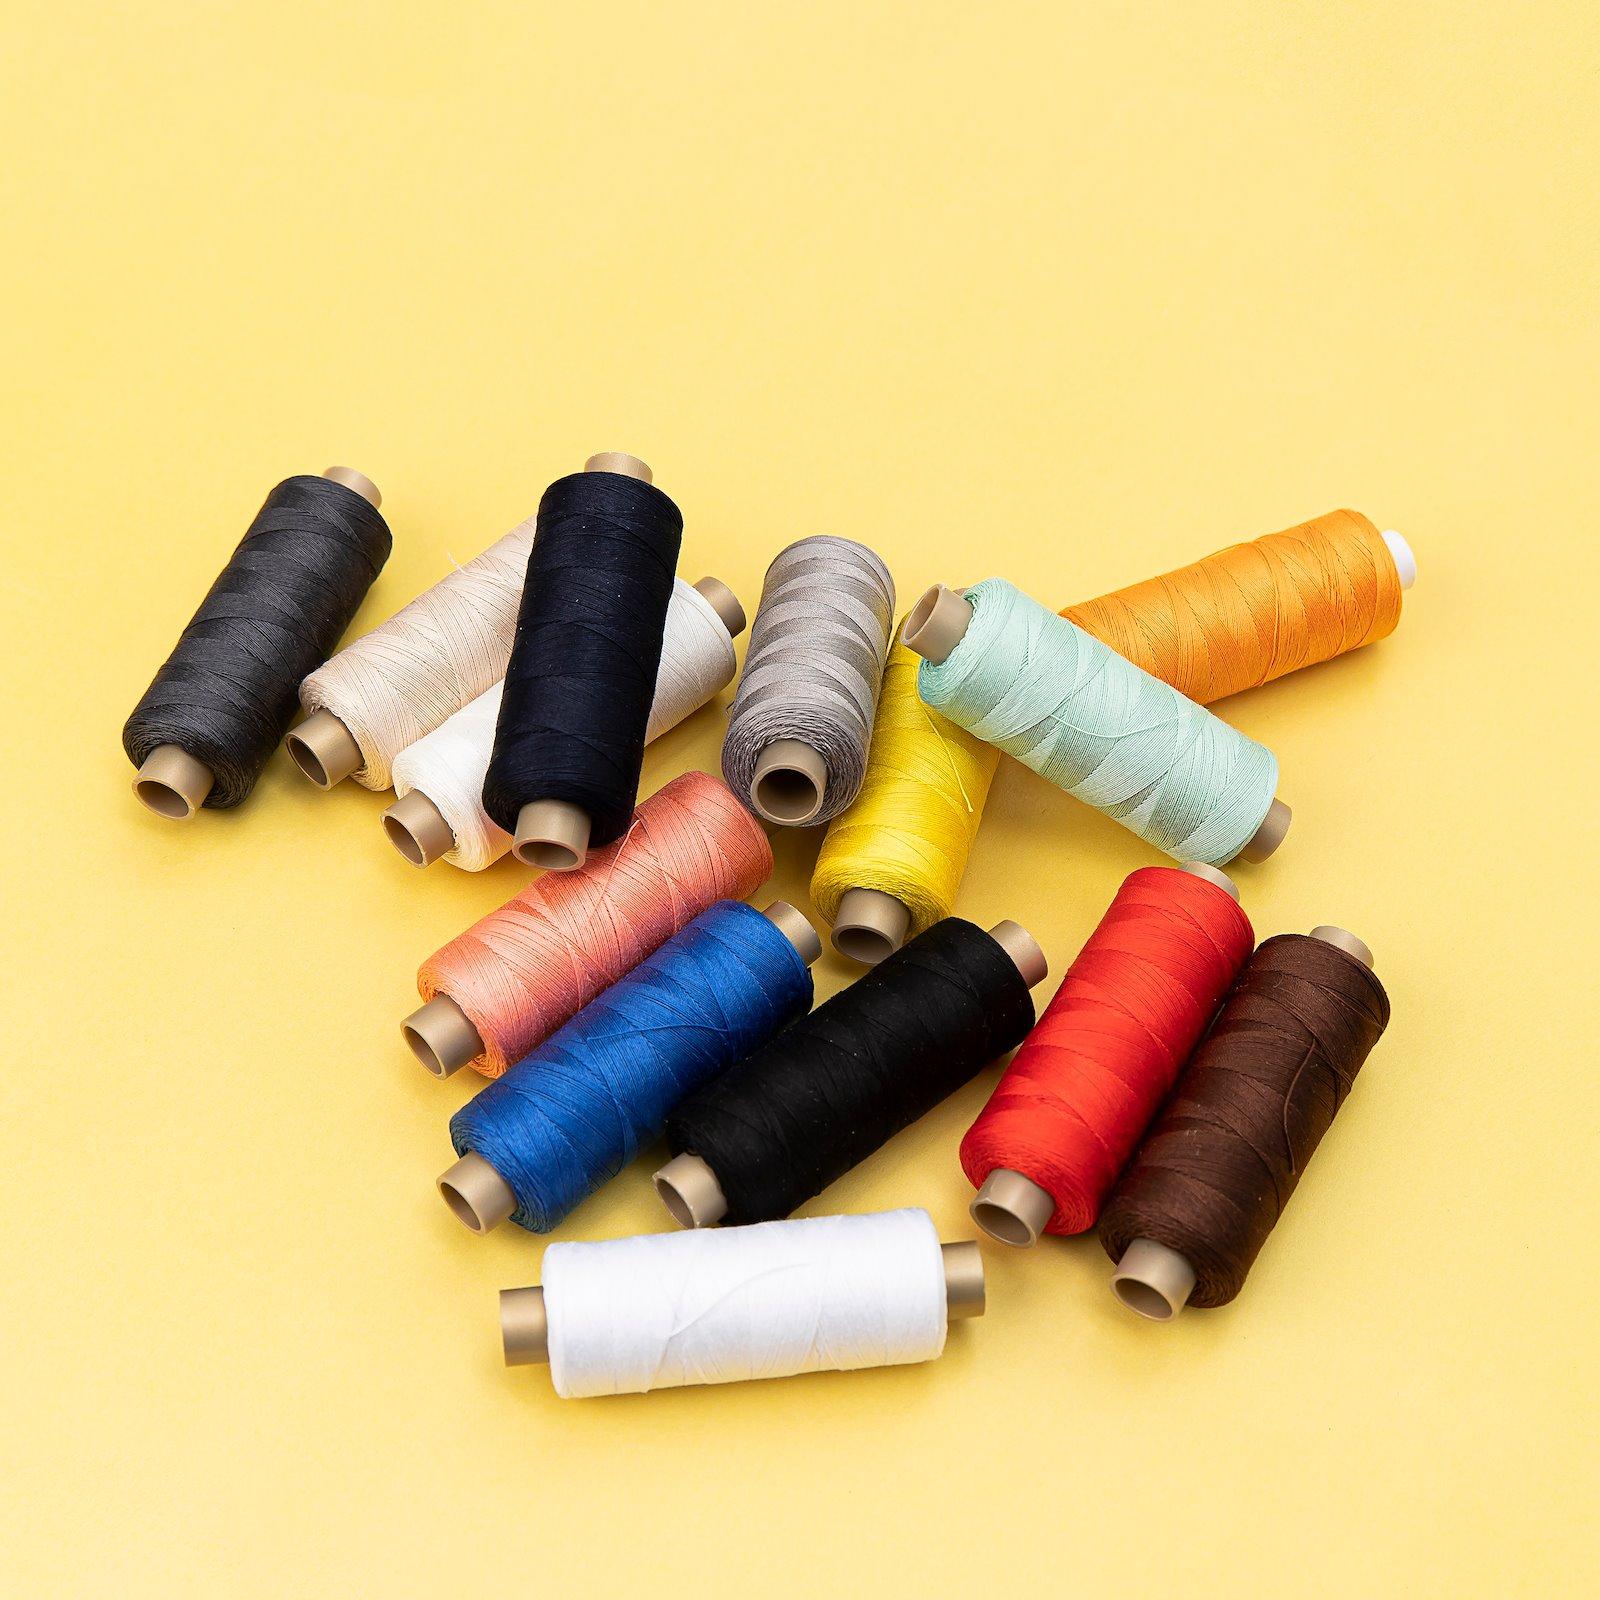 Quilting thread orange 300m 19043_19037_19040_19001_19006_19021_19005_19009_19038_19002_19023_19011_19092_19042_bundle